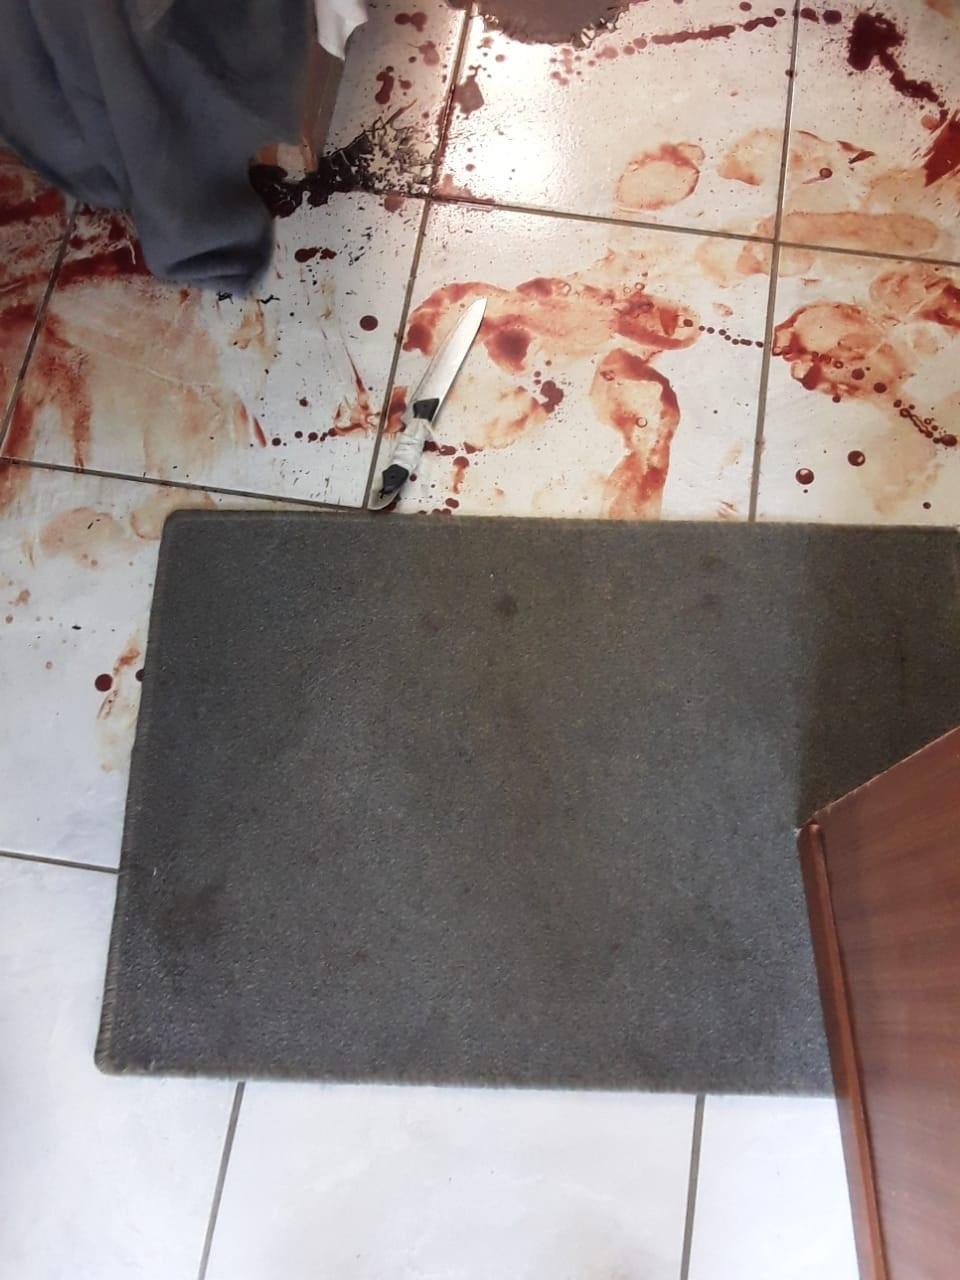 Die mes wat onder die matras gevind is. Foto: Vers